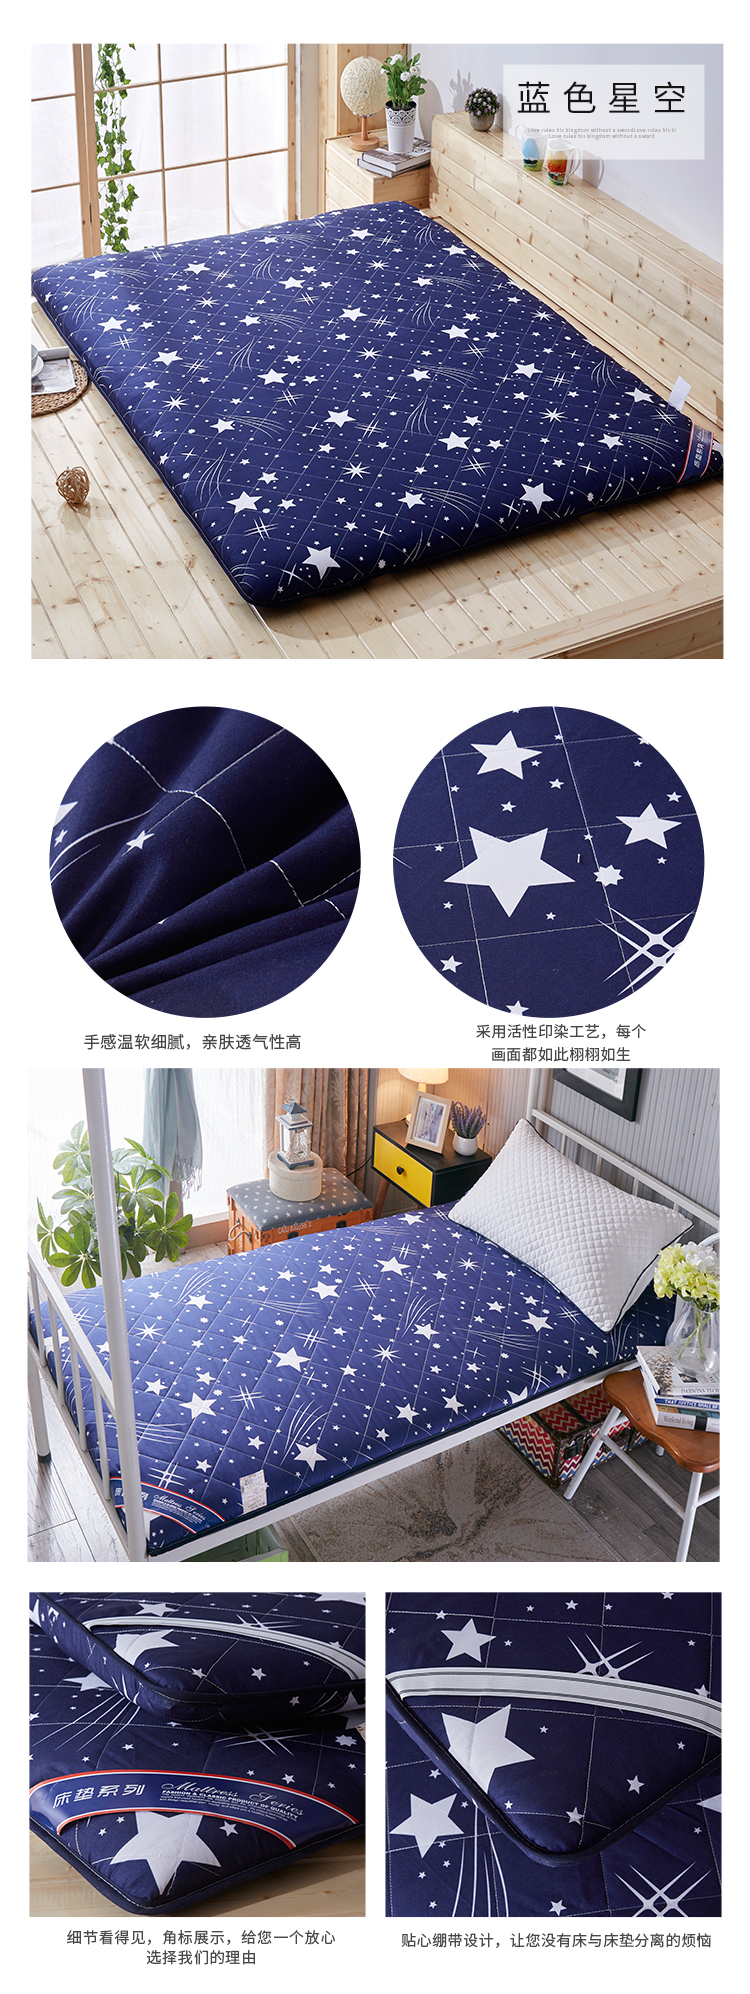 蓝色星空-750.jpg